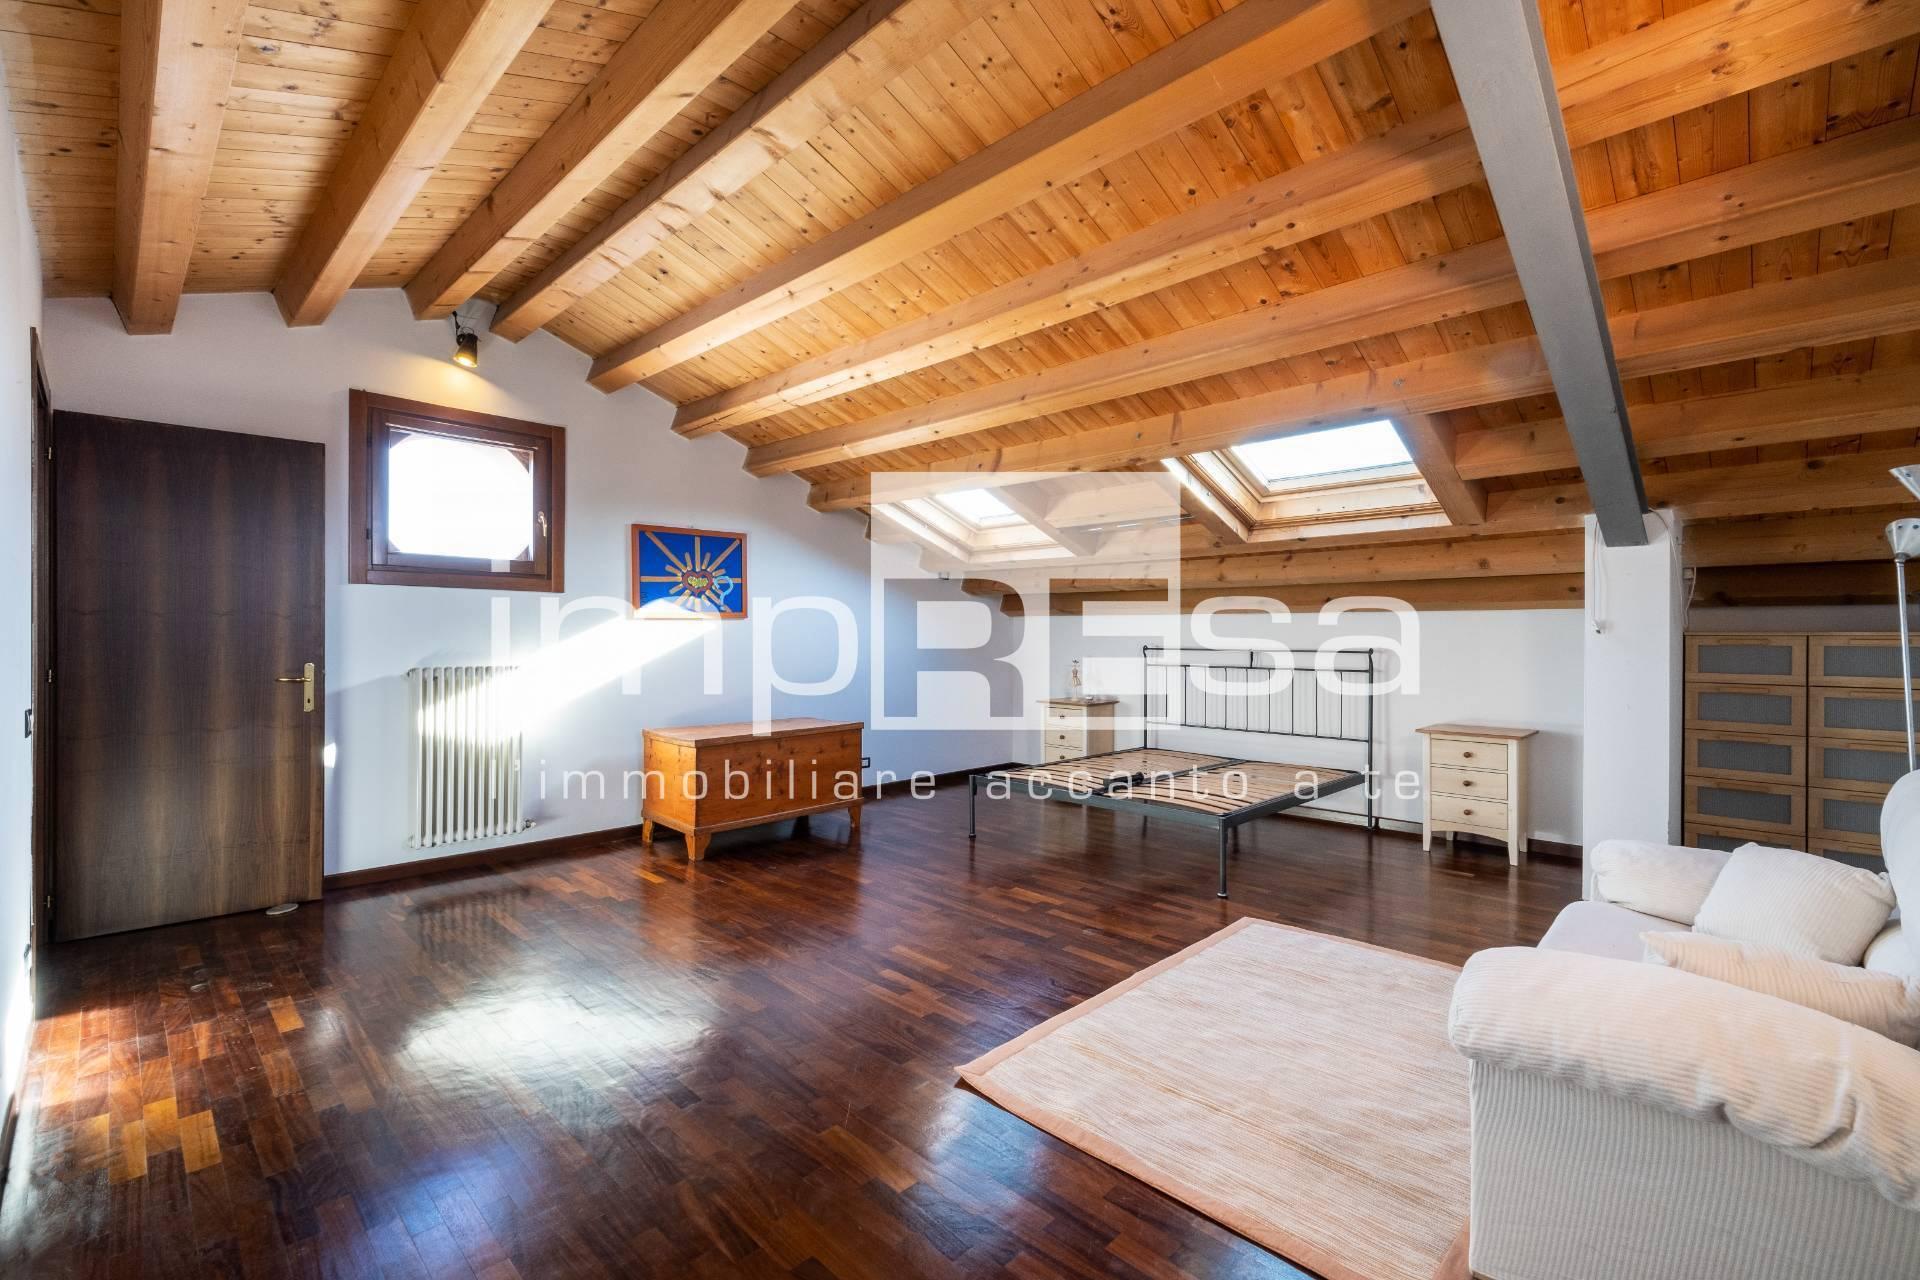 Appartamento in vendita a Maserada sul Piave, 3 locali, zona go, prezzo € 110.000   PortaleAgenzieImmobiliari.it